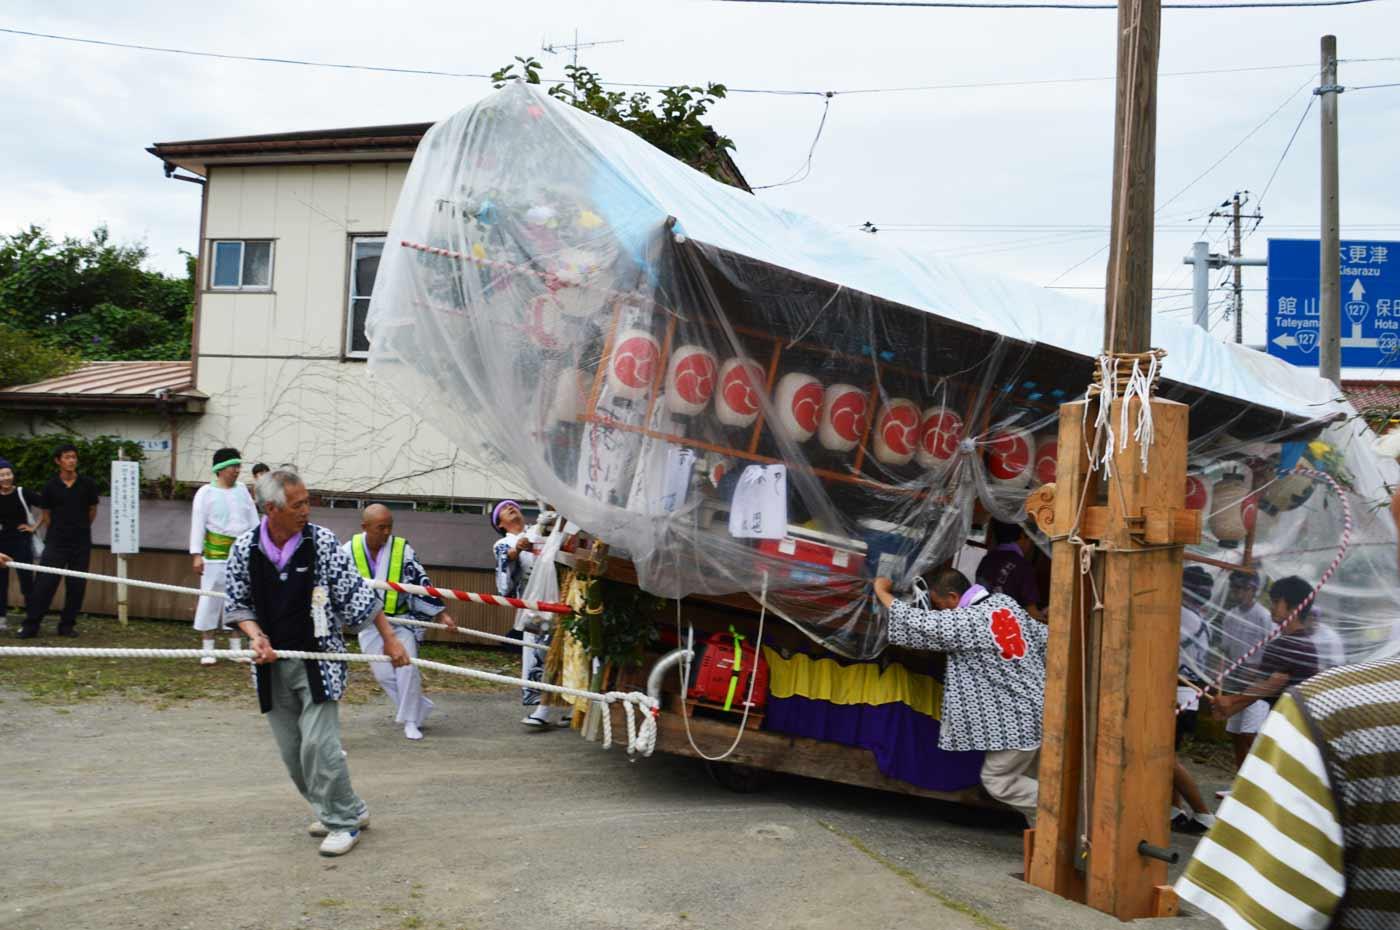 本郷上の屋台が入祭